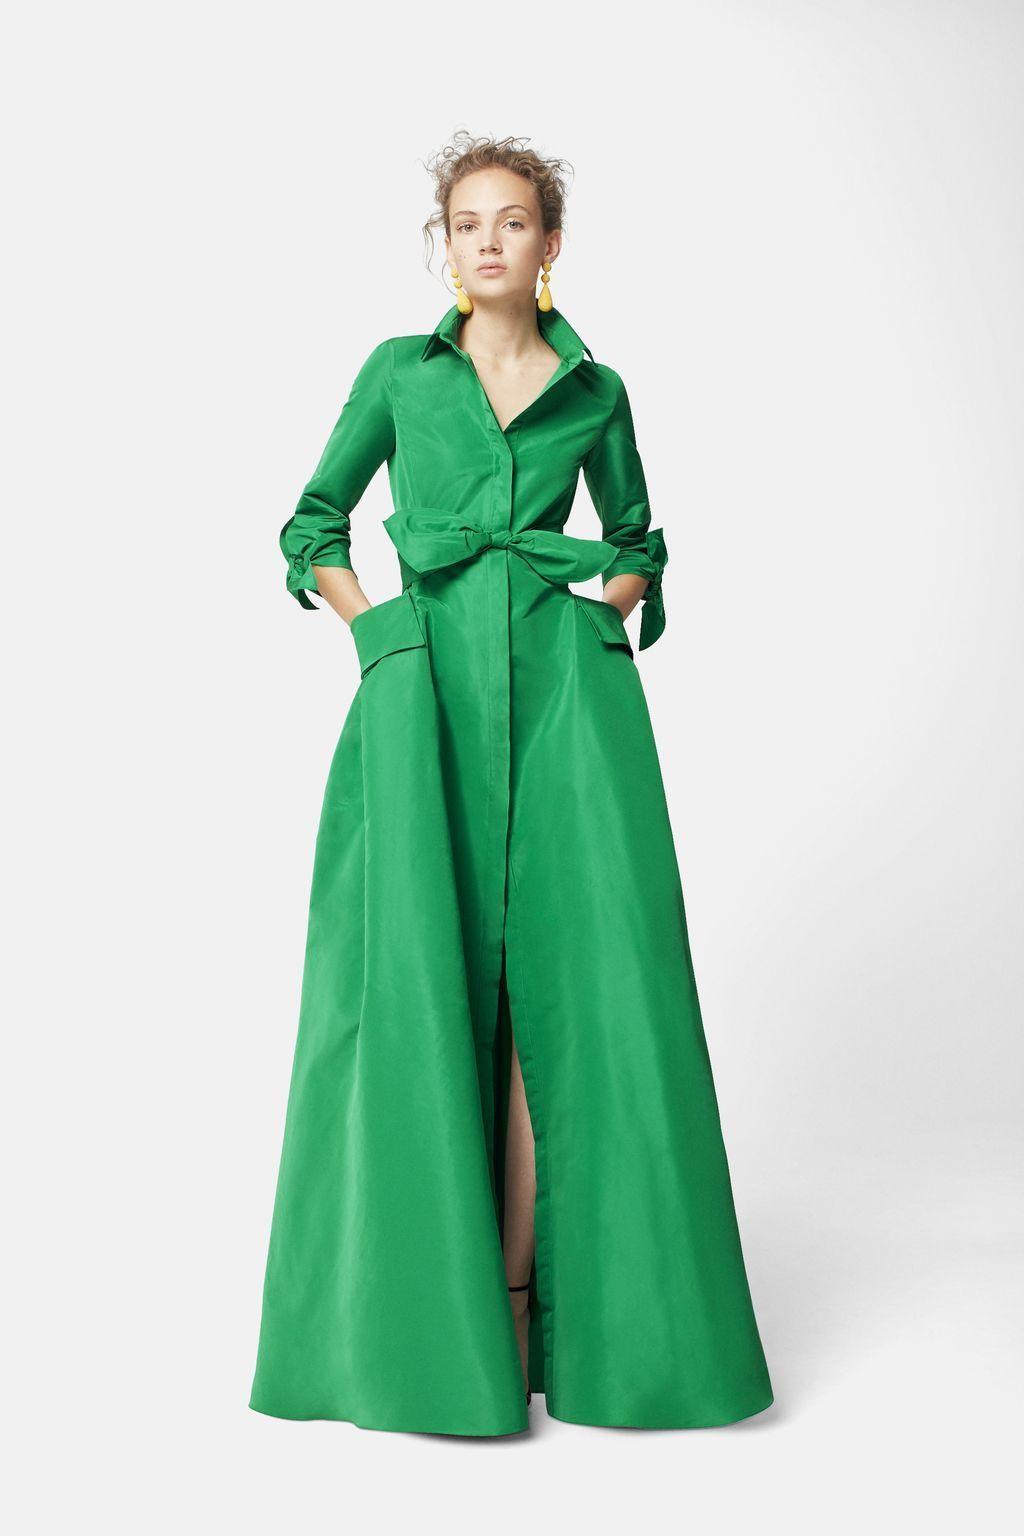 2a5d85a7ce0b7d Vestido camisero de tafeta VERDE | modas V | Vestidos camiseros ...